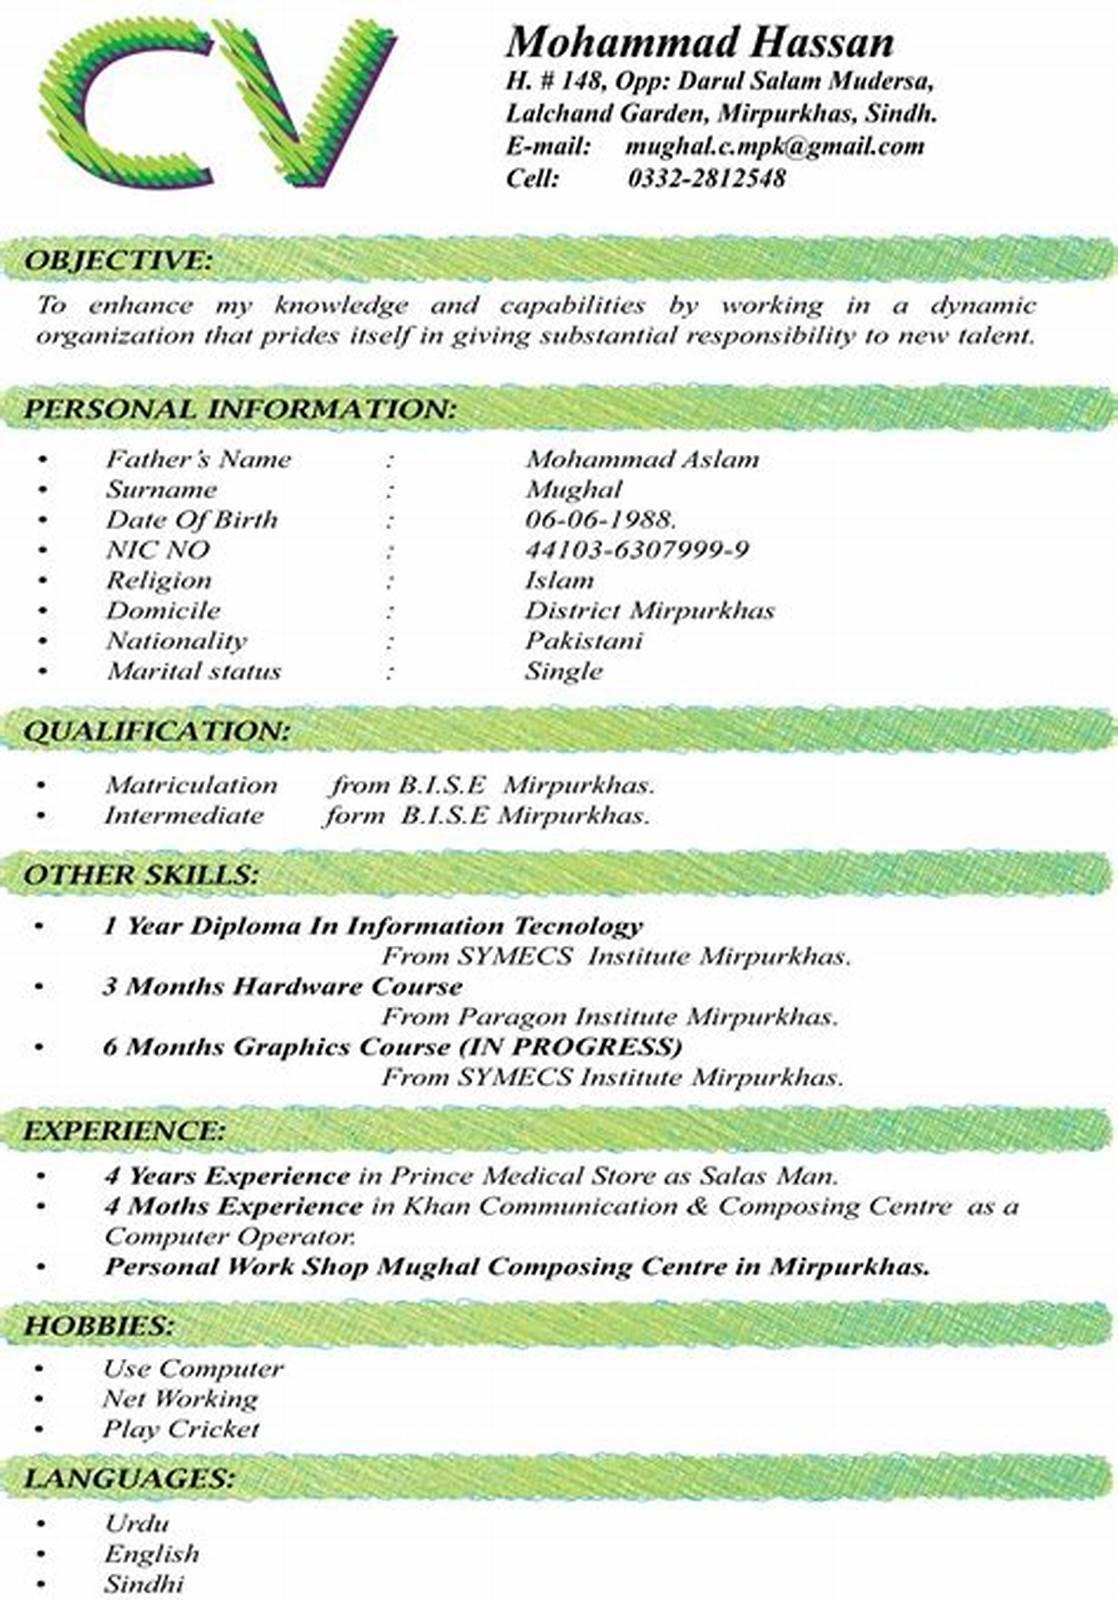 Contoh CV Menggunakan Bhs Inggris